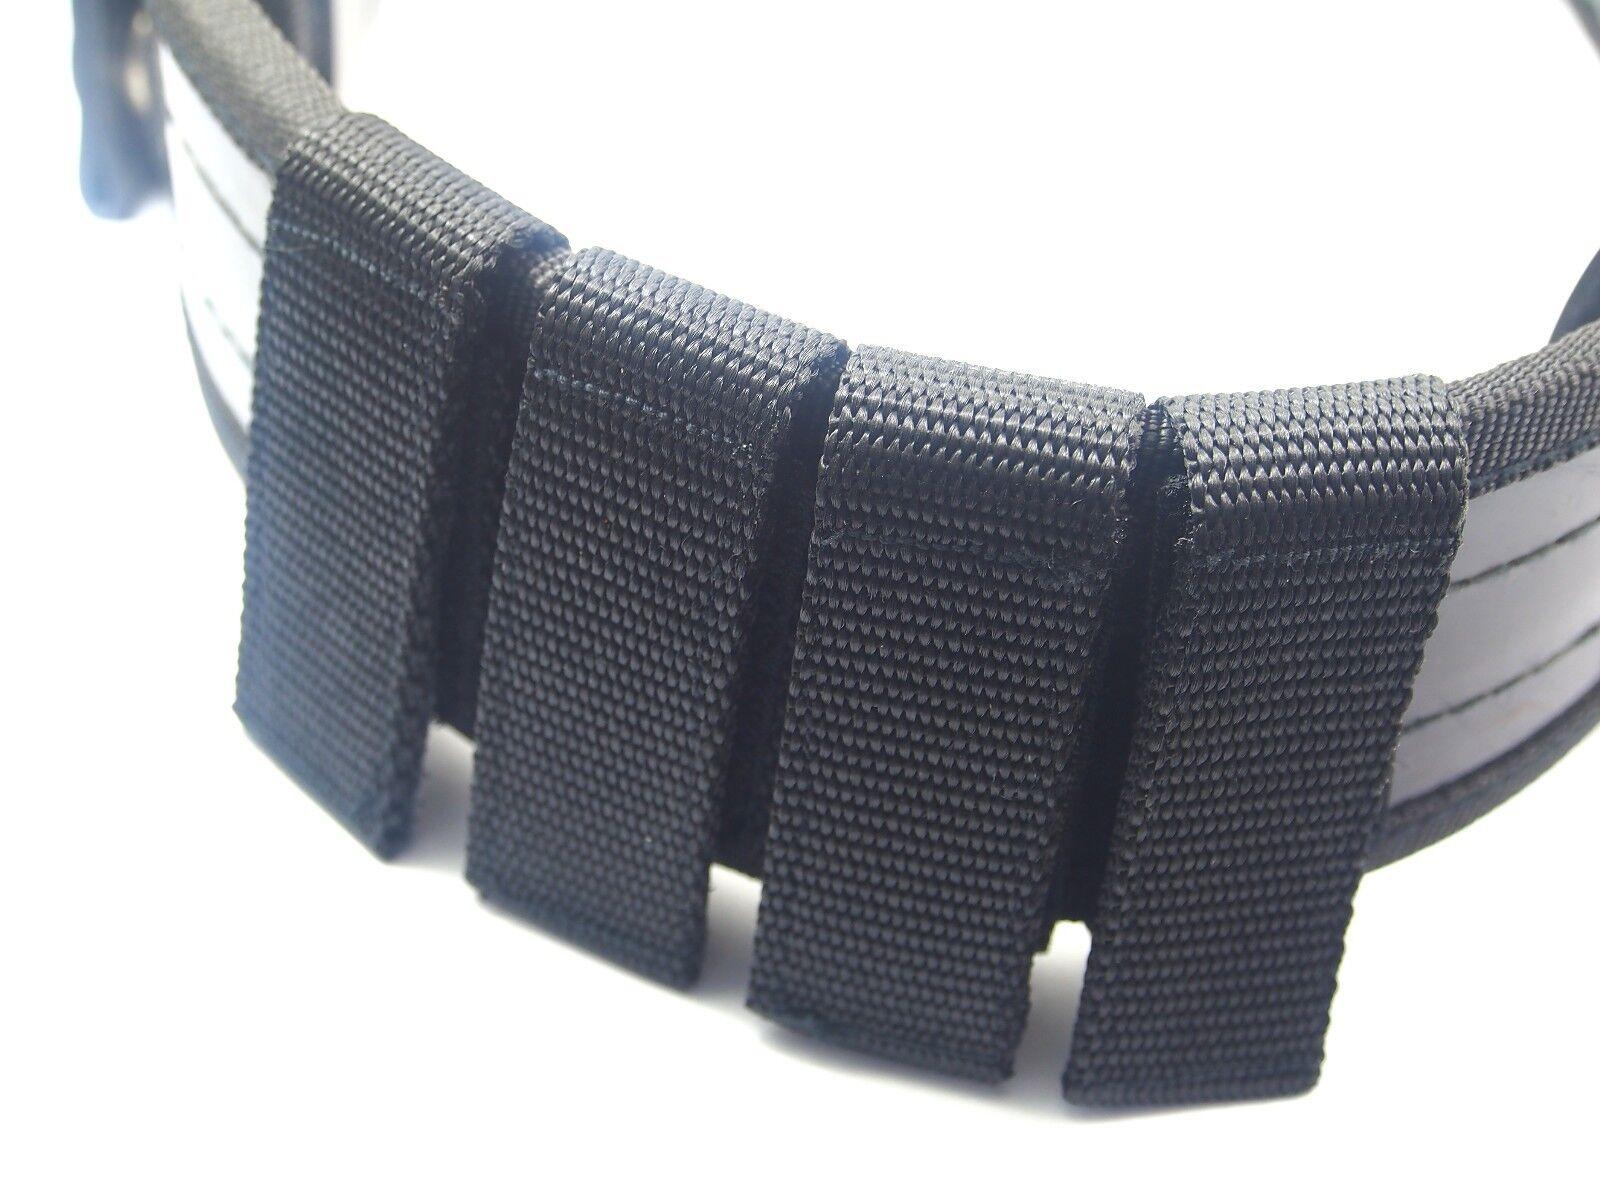 Police Nylon Belts